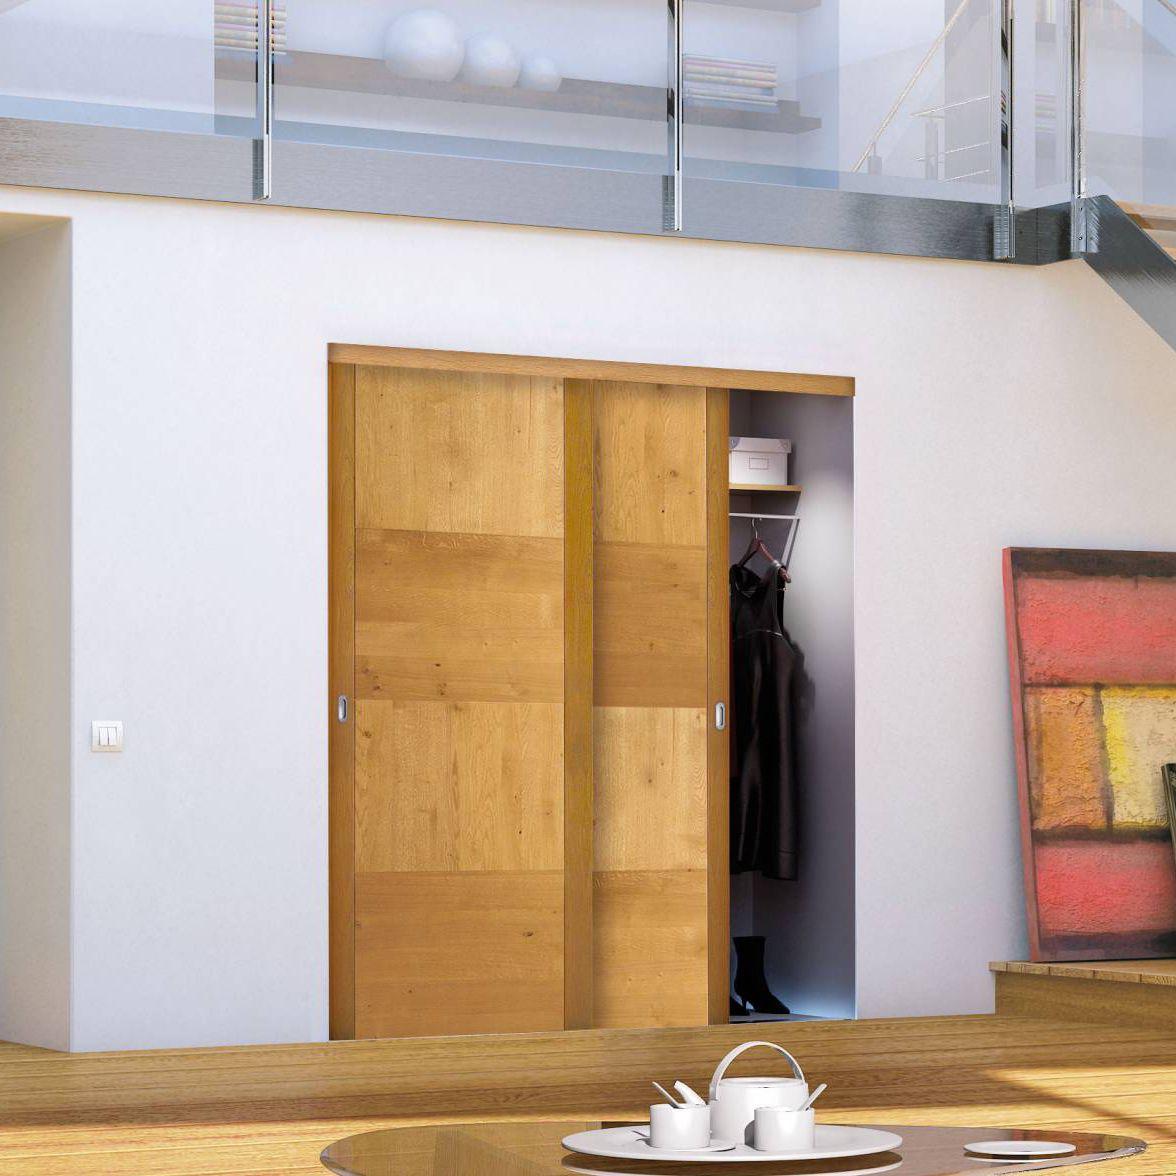 Armadio A Muro Design.Porta Per Armadio A Muro Battente Scorrevole In Quercia